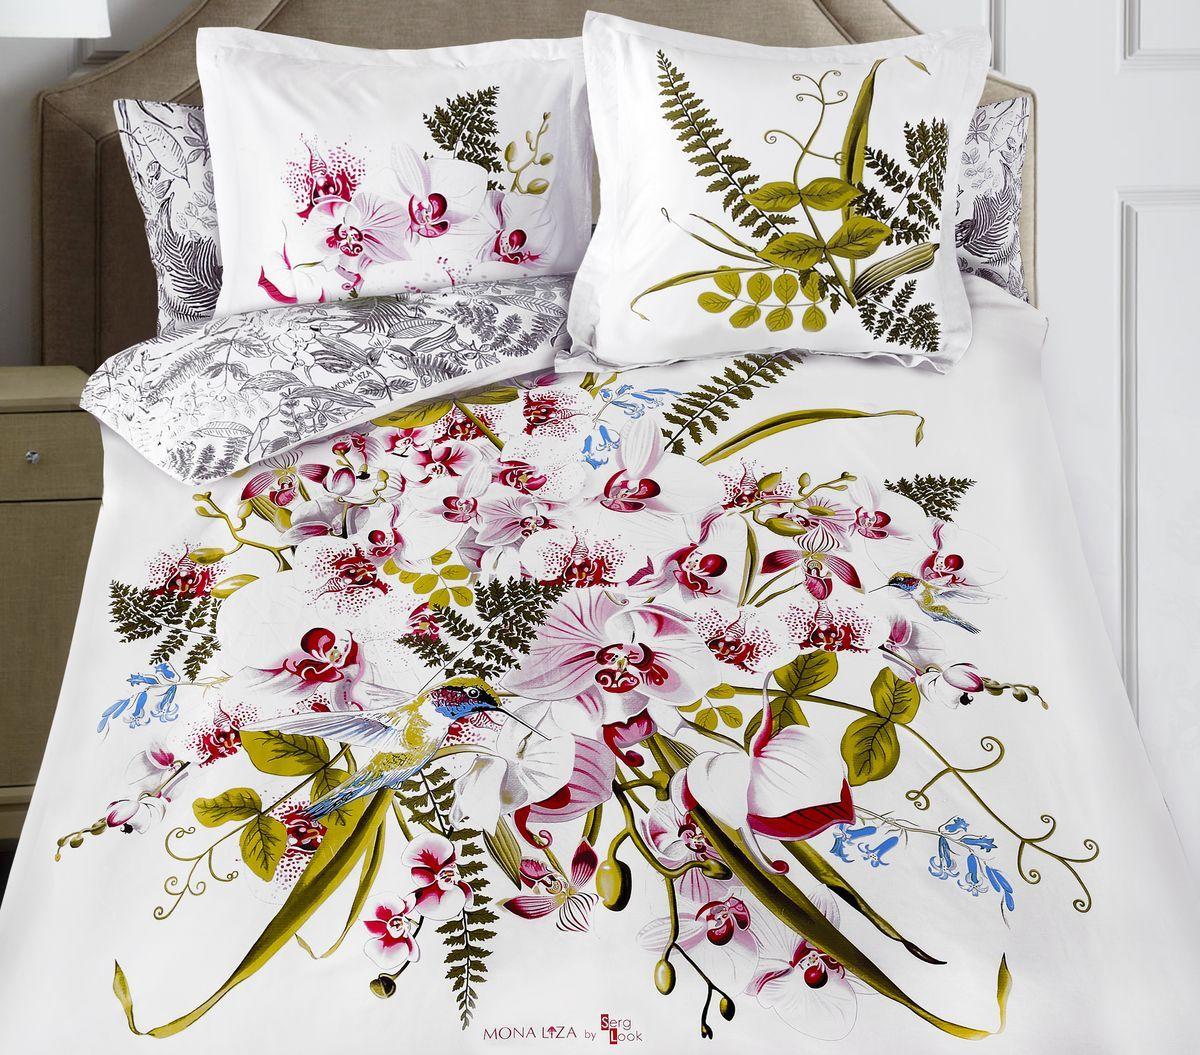 Комплект белья Mona Liza Premium. Orchid, 2-спальный, наволочки 50x70, 70x70 berlingo флипчарт premium 70 х 100 см